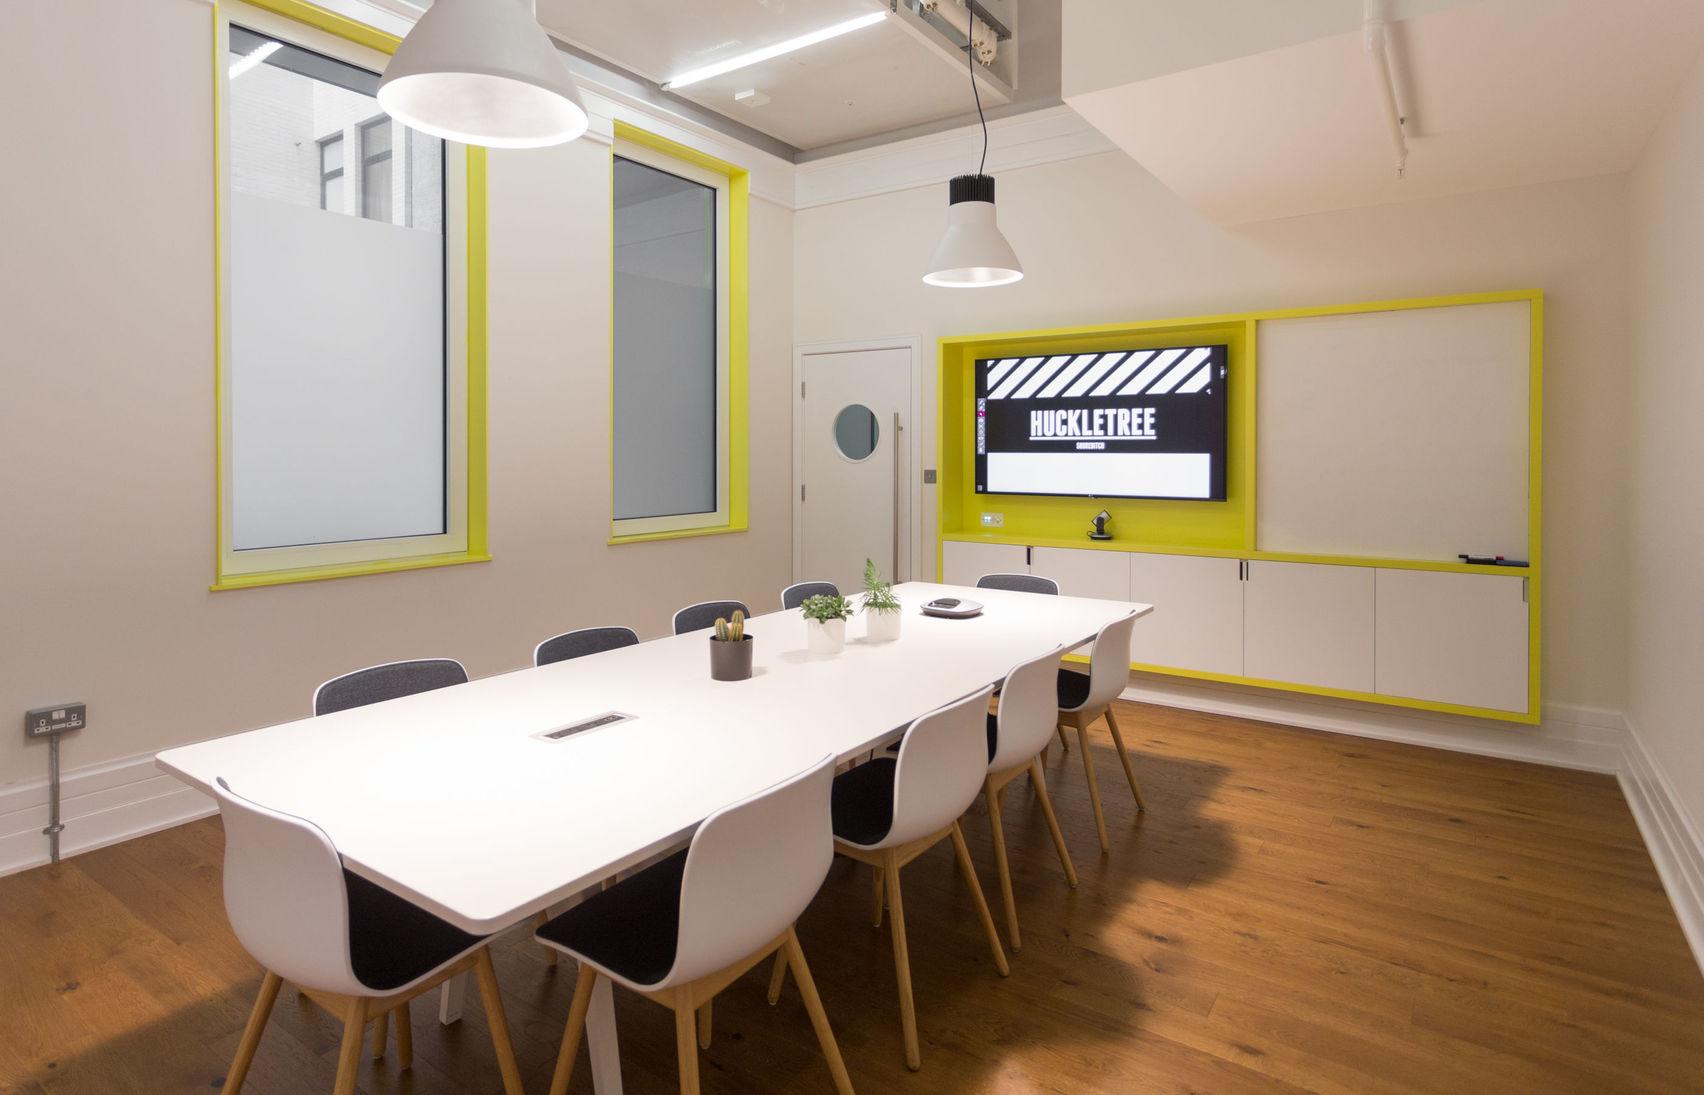 Menlo Meeting Room, Huckletree Shoreditch